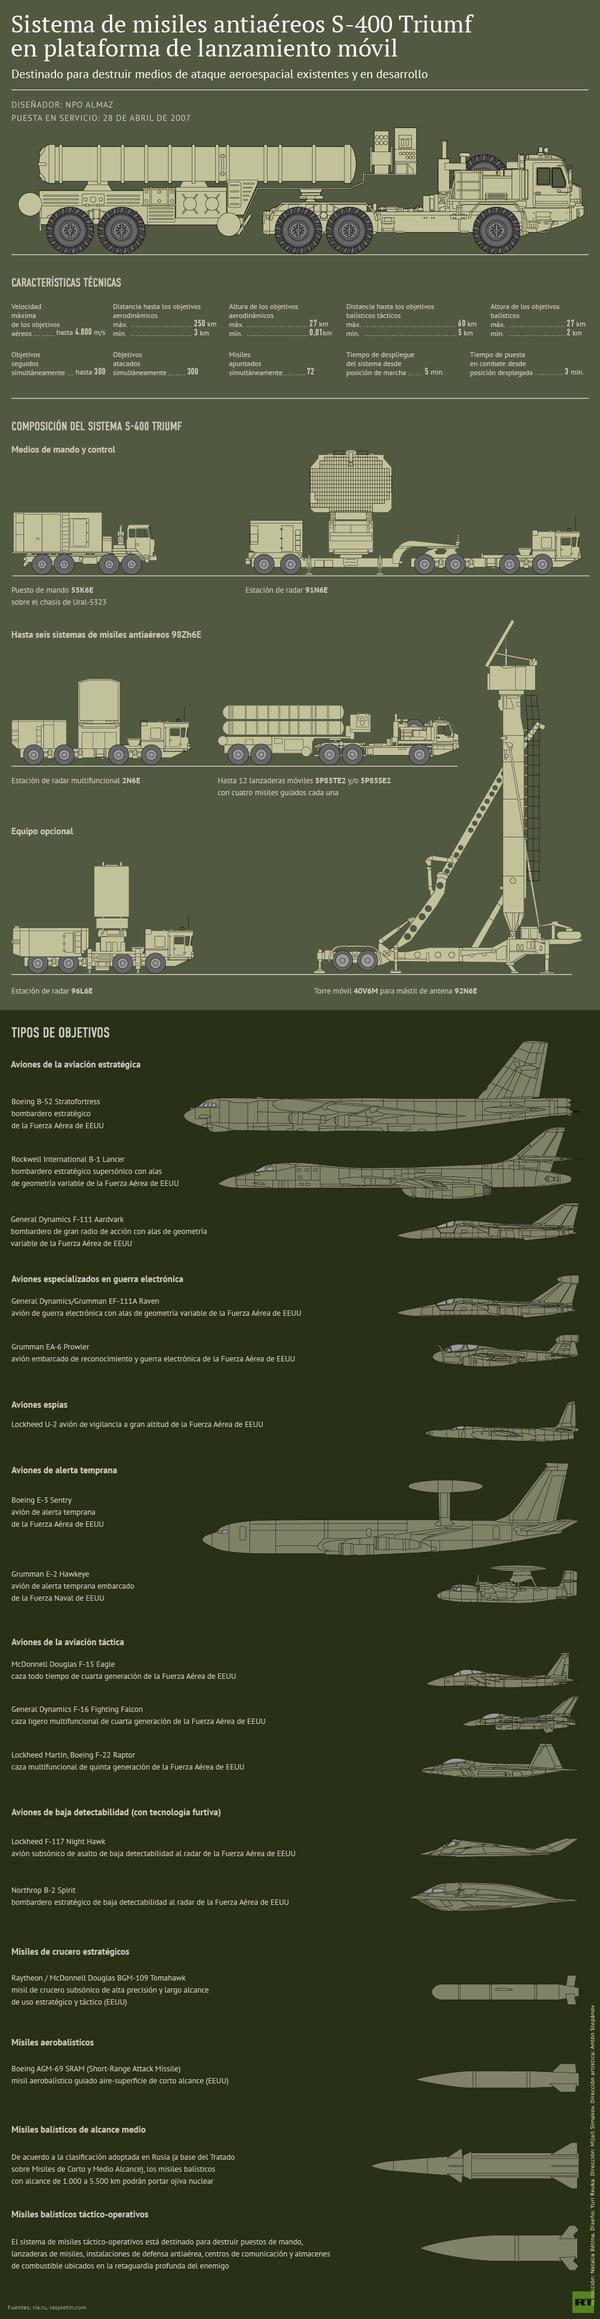 Infografía sobre las capacidades del S-400 publicada por Russia Today, cadena estatal rusa que promueve la postura del Kremlin en el extranjero (RT)